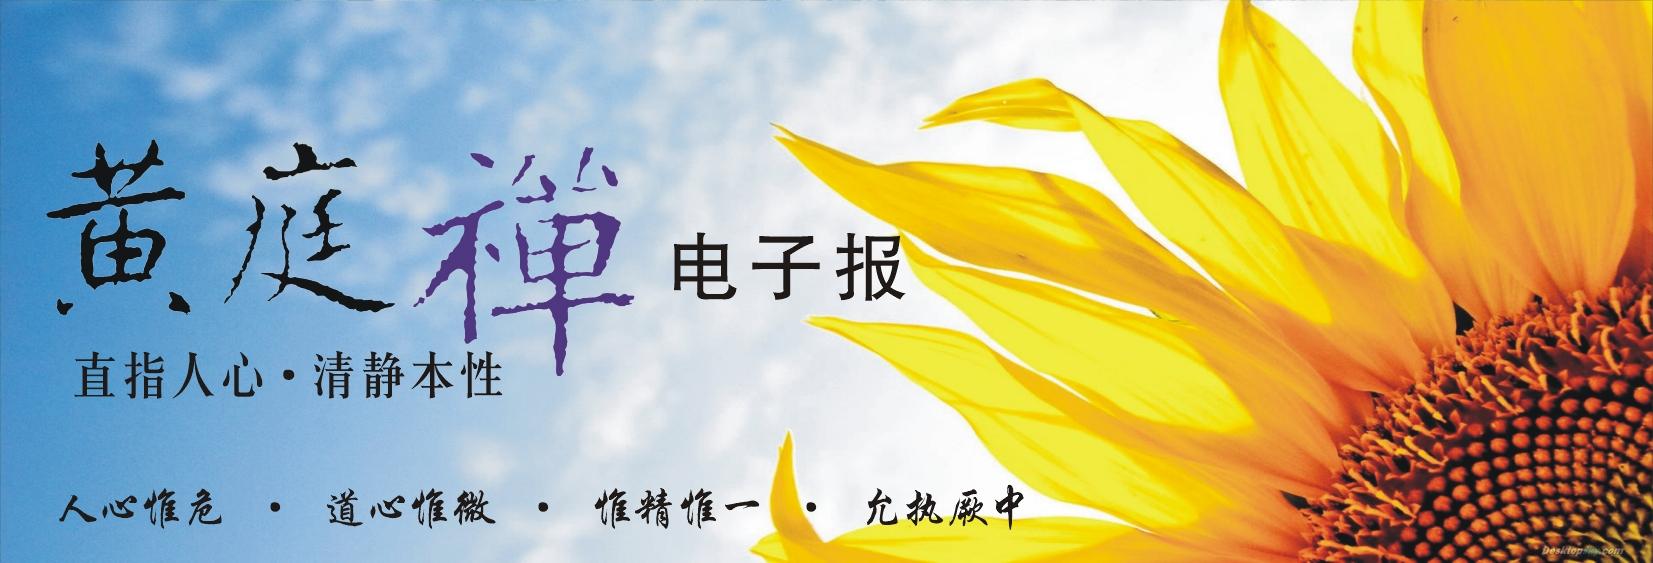 中华黄庭禅学会2020.09.01电子报